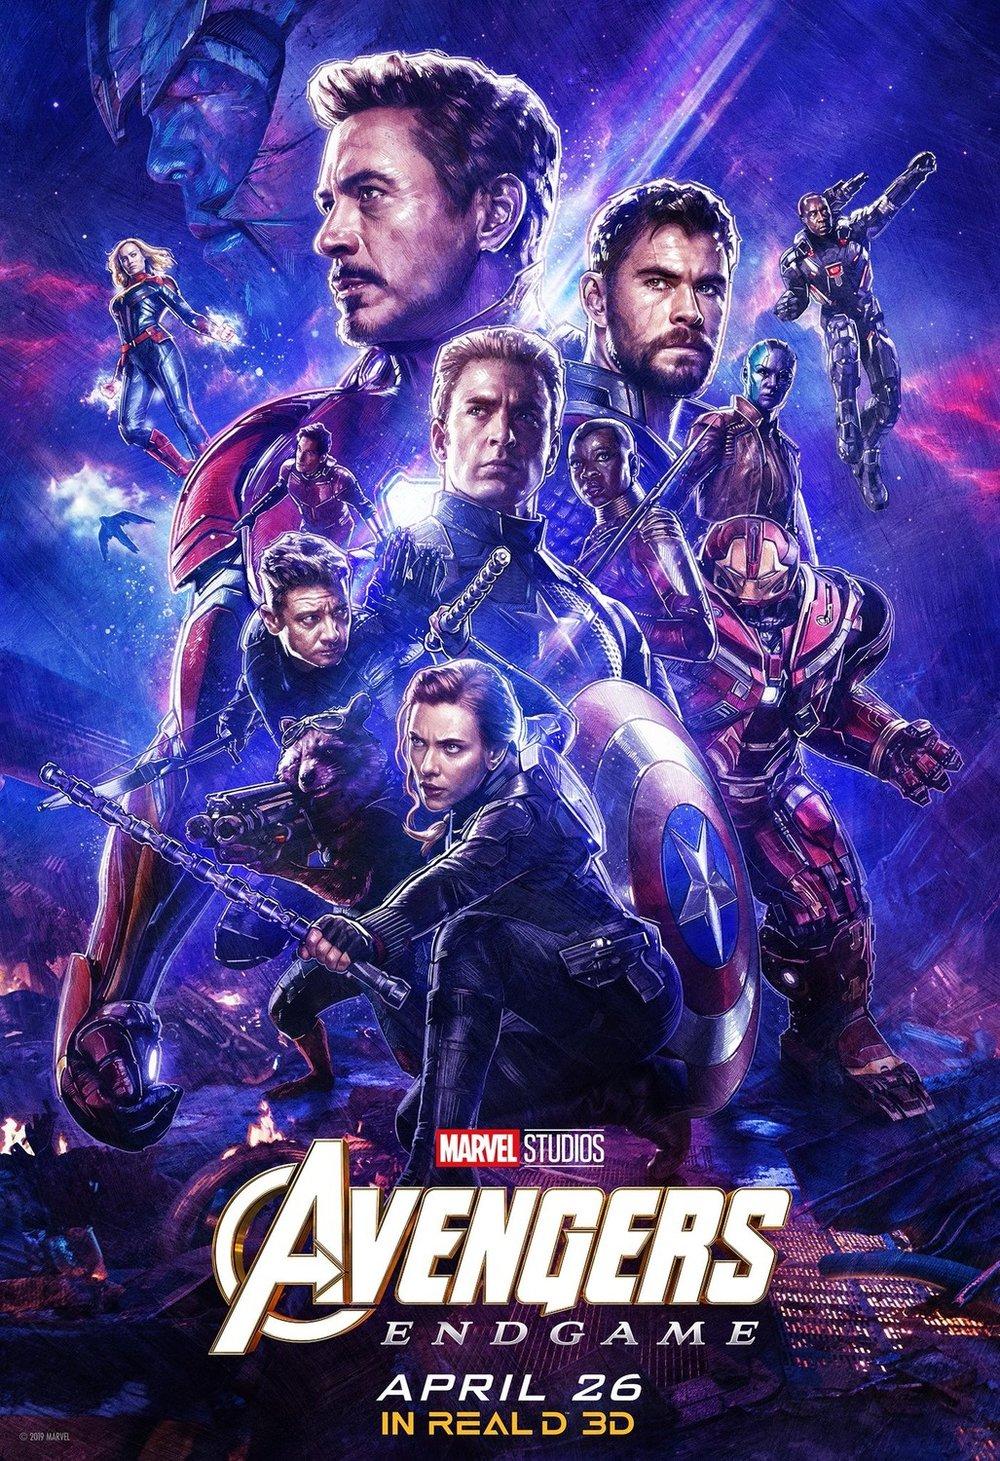 Avengers_Endgame_RealD_Temp.jpg